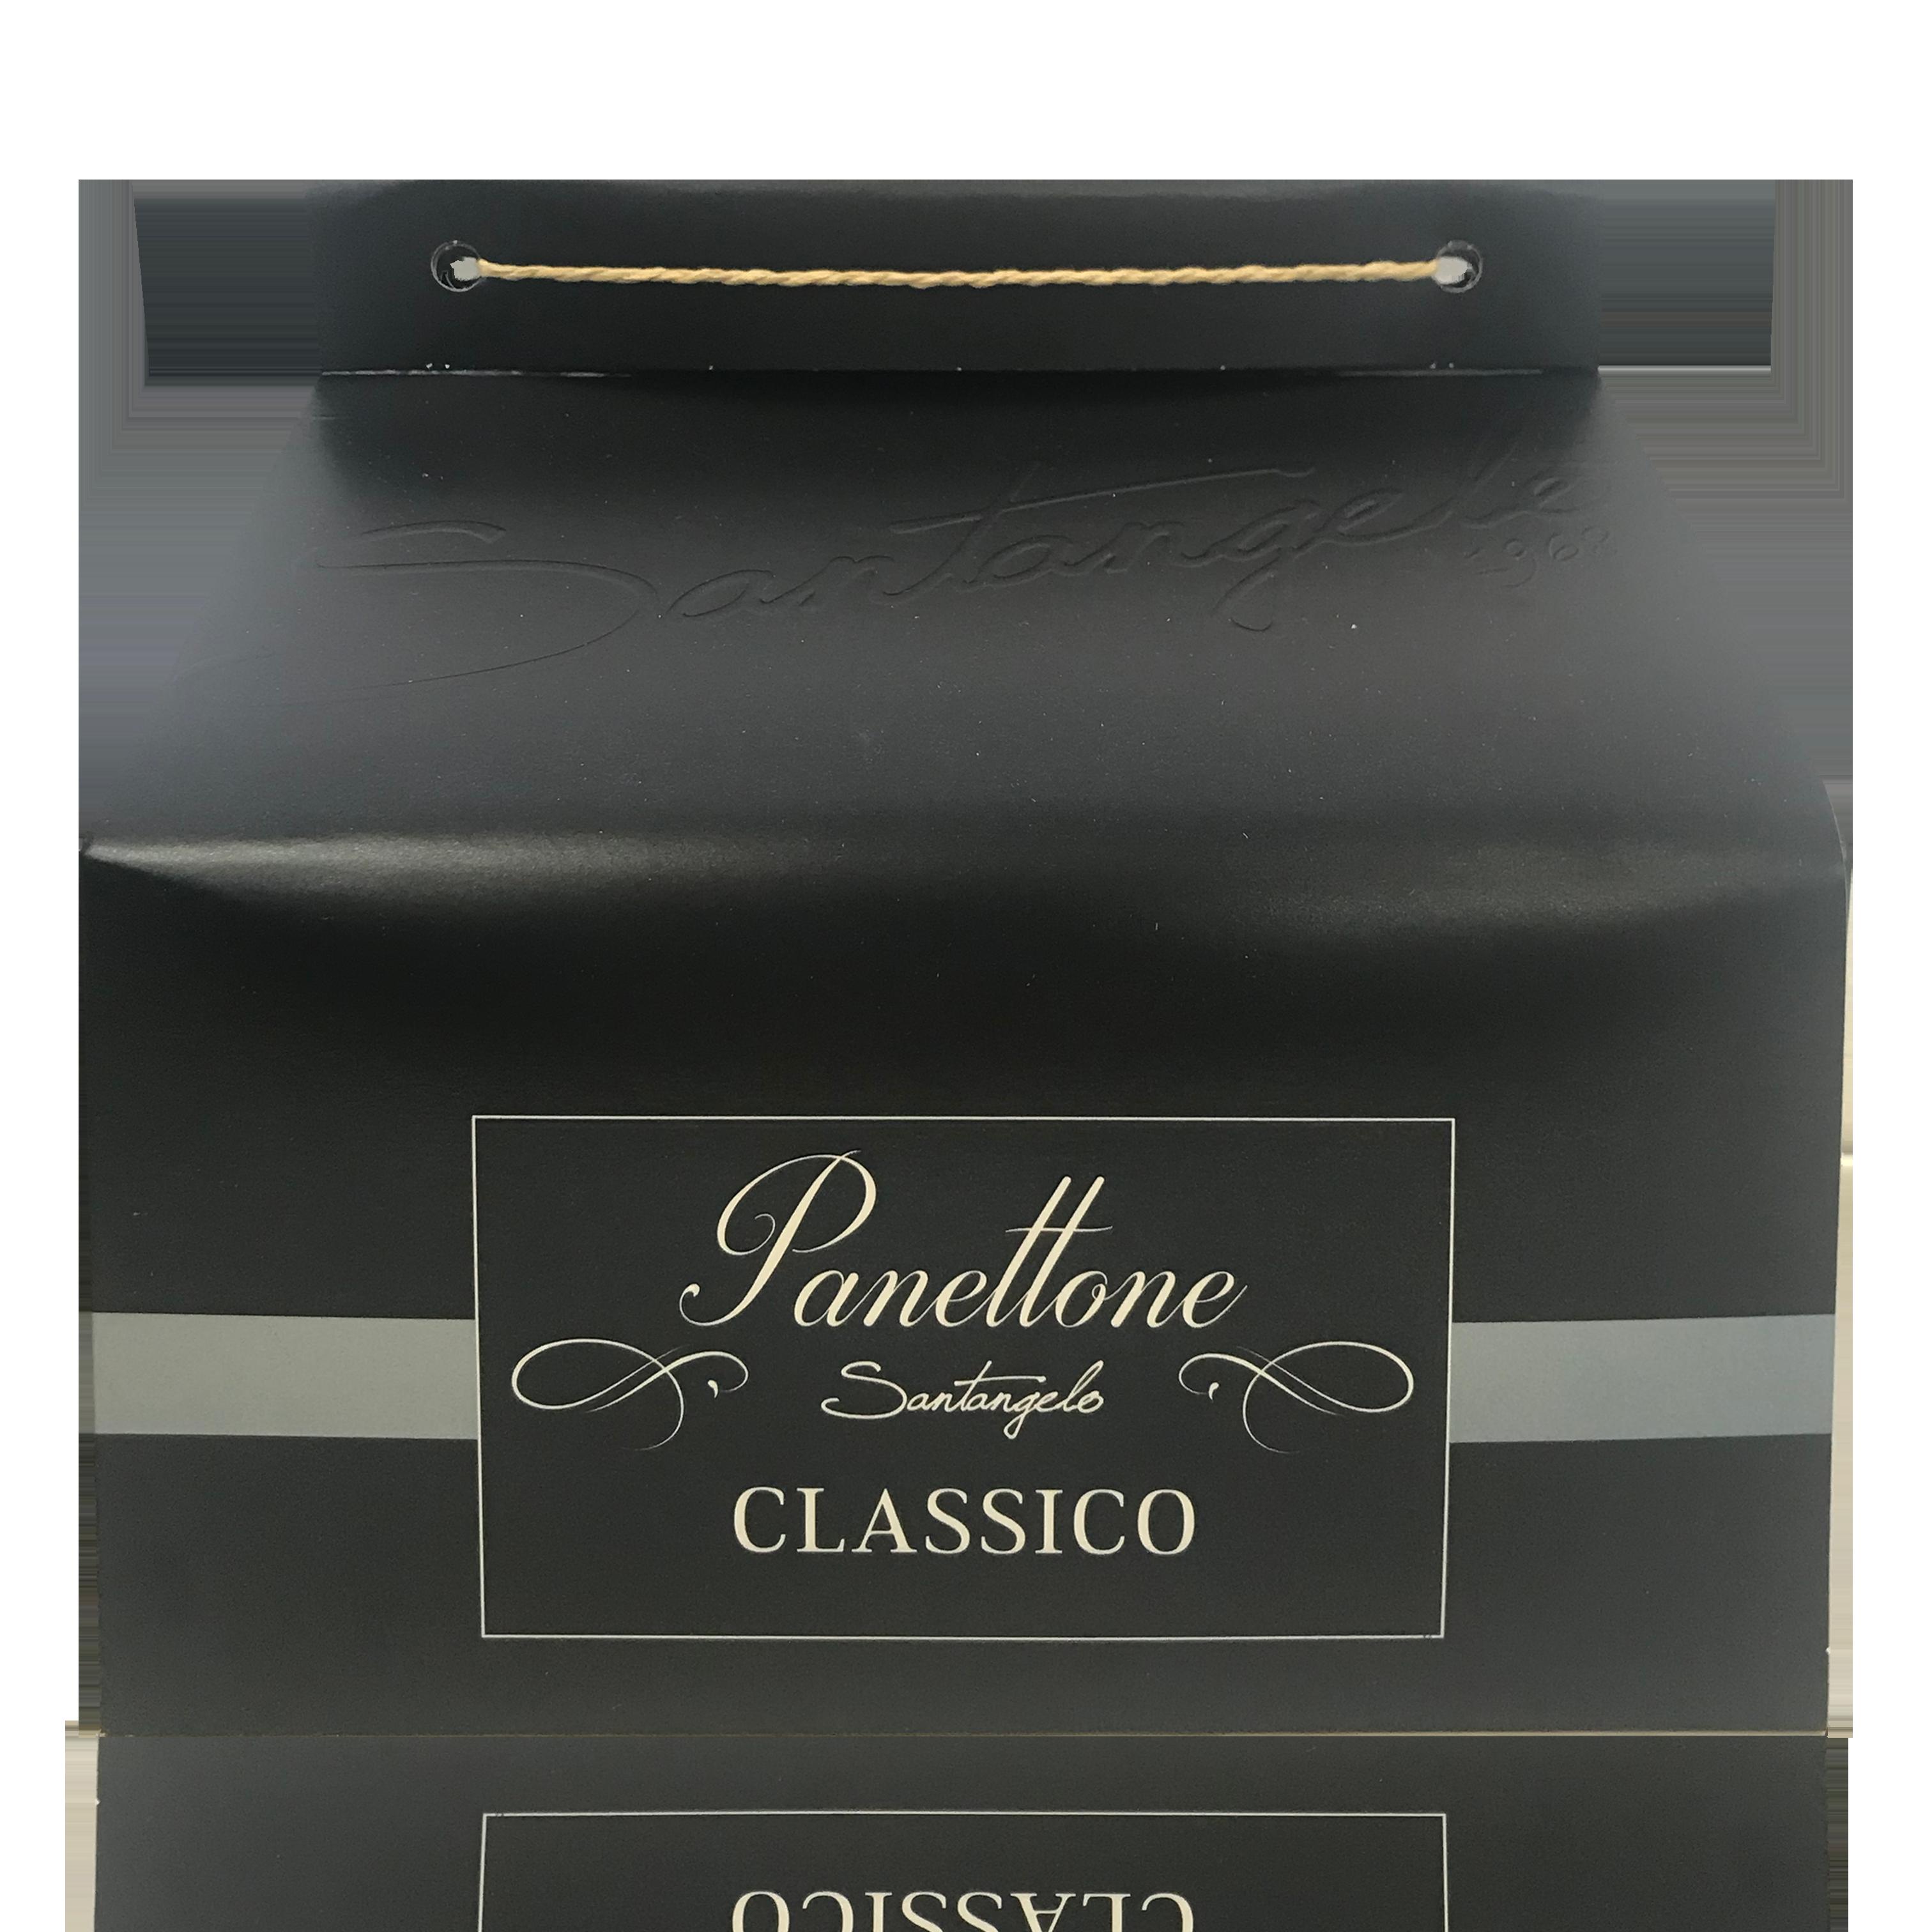 Panettone Premium Tradizionale (900 g) Sa